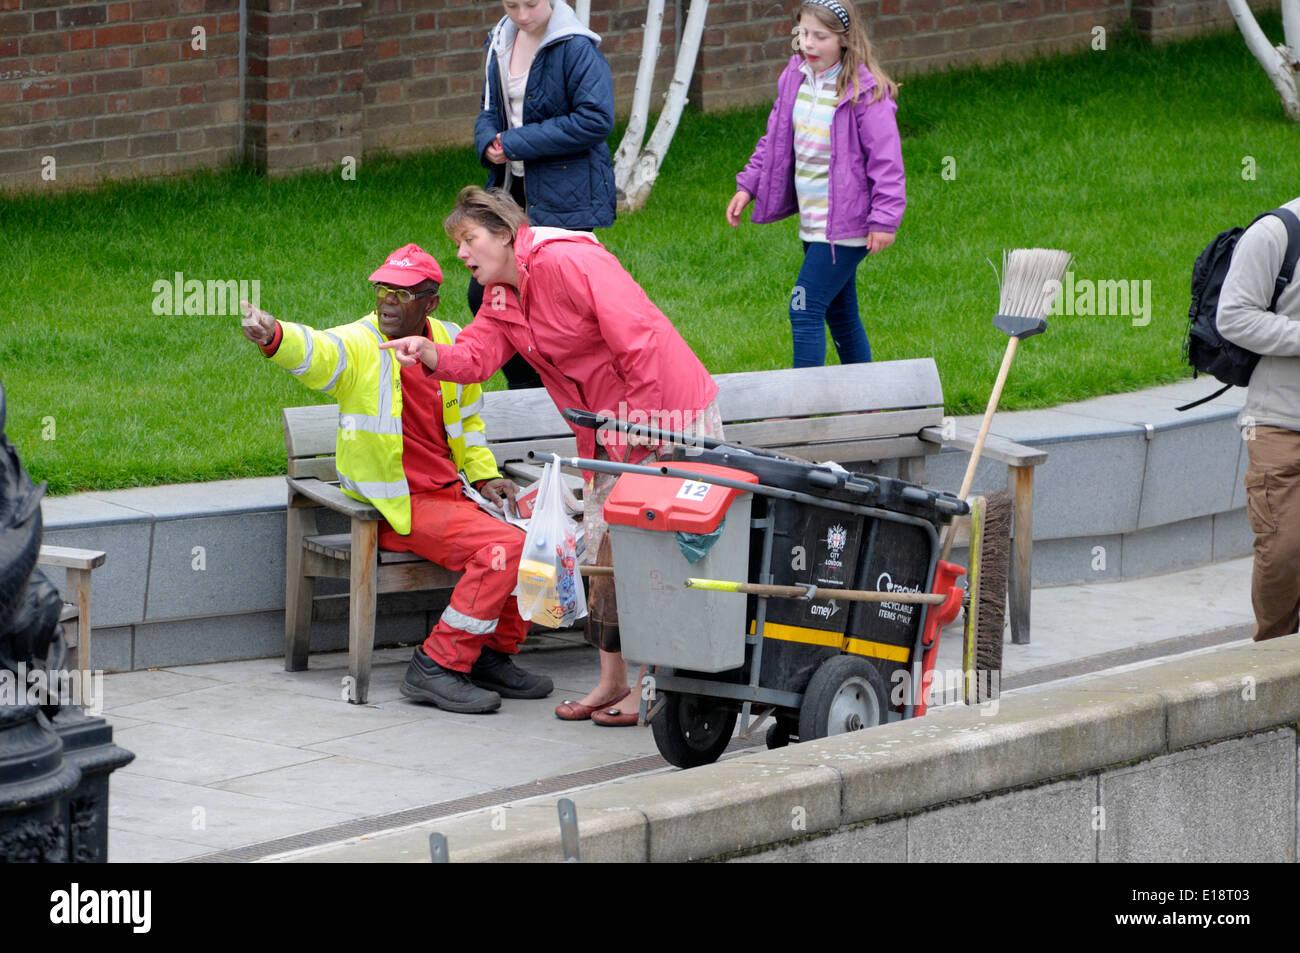 London, England, Vereinigtes Königreich. Kehrmaschine, lesen eine Zeitung auf einer Bank und Erteilung von Anweisungen an einen Touristen Stockbild